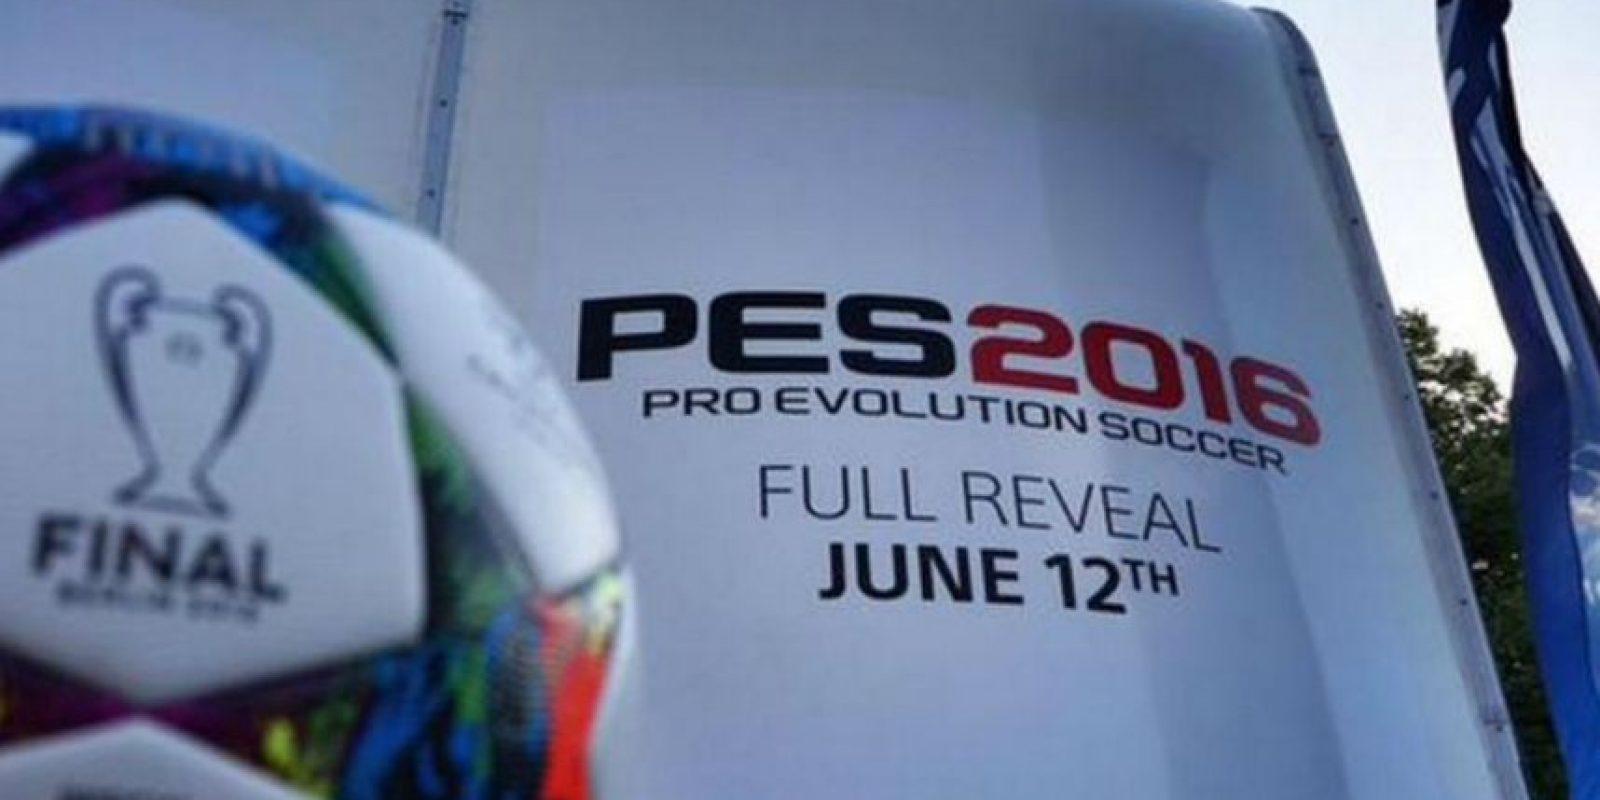 Promoción en la final de la UEFA Champions League. Foto:Konami